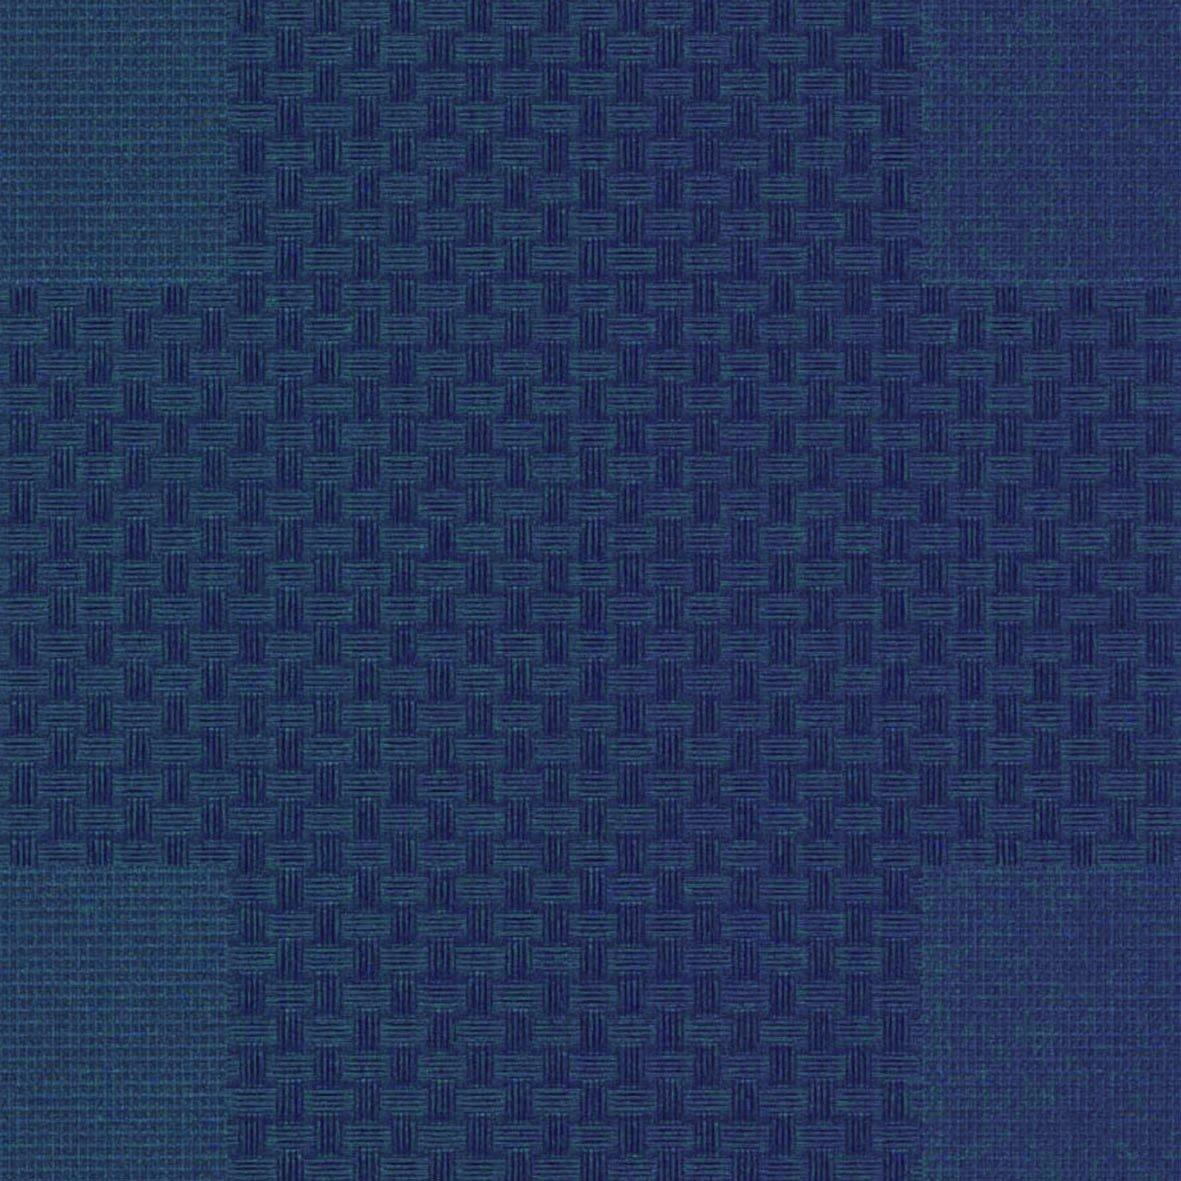 リリカラ 壁紙50m モダン 幾何学 ブラック LL-8016 B01N3P1H91 50m|ブラック